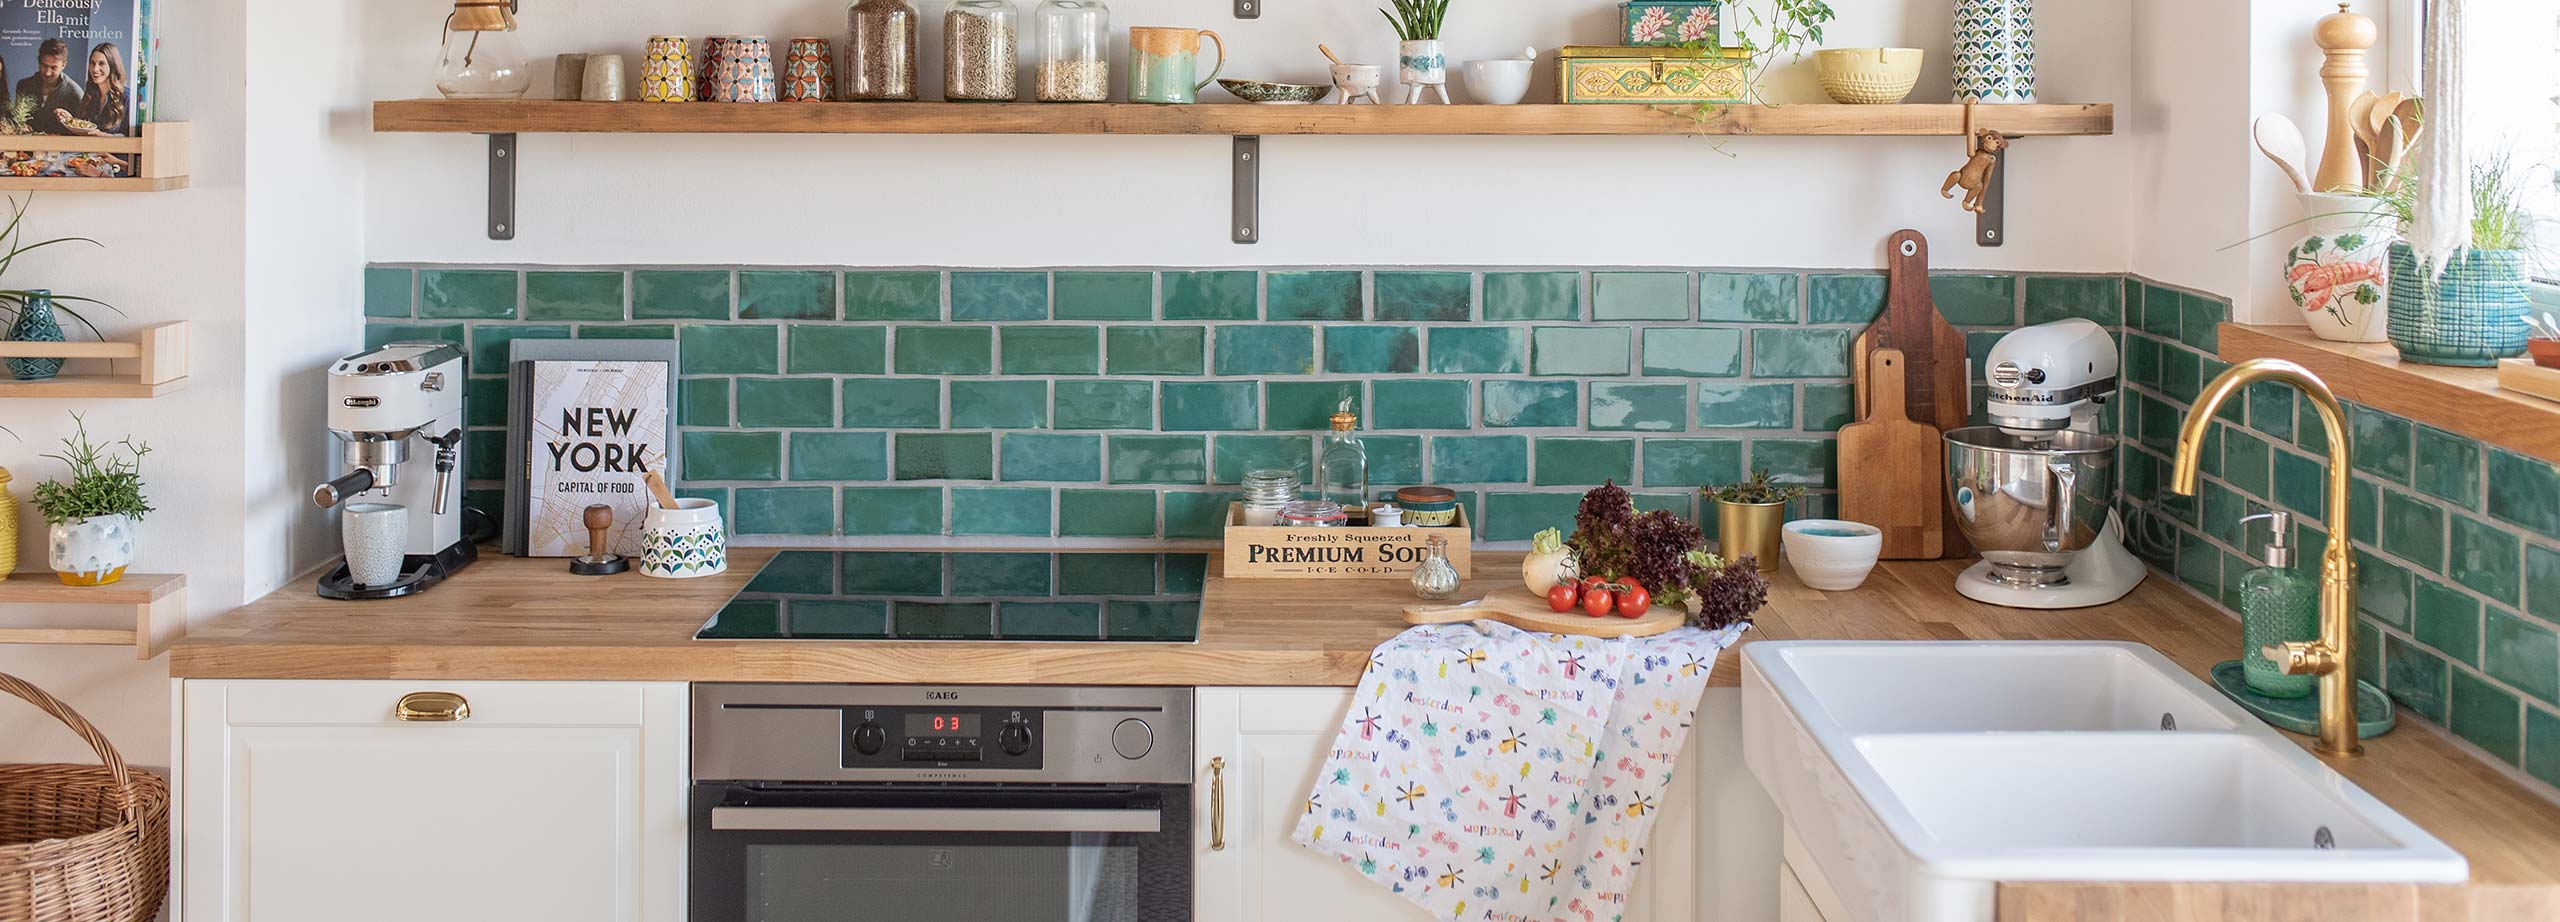 diese kuche prasentiert die klassische arbeitsplatte eiche in kombination mit modernen blaugrunen fliesen